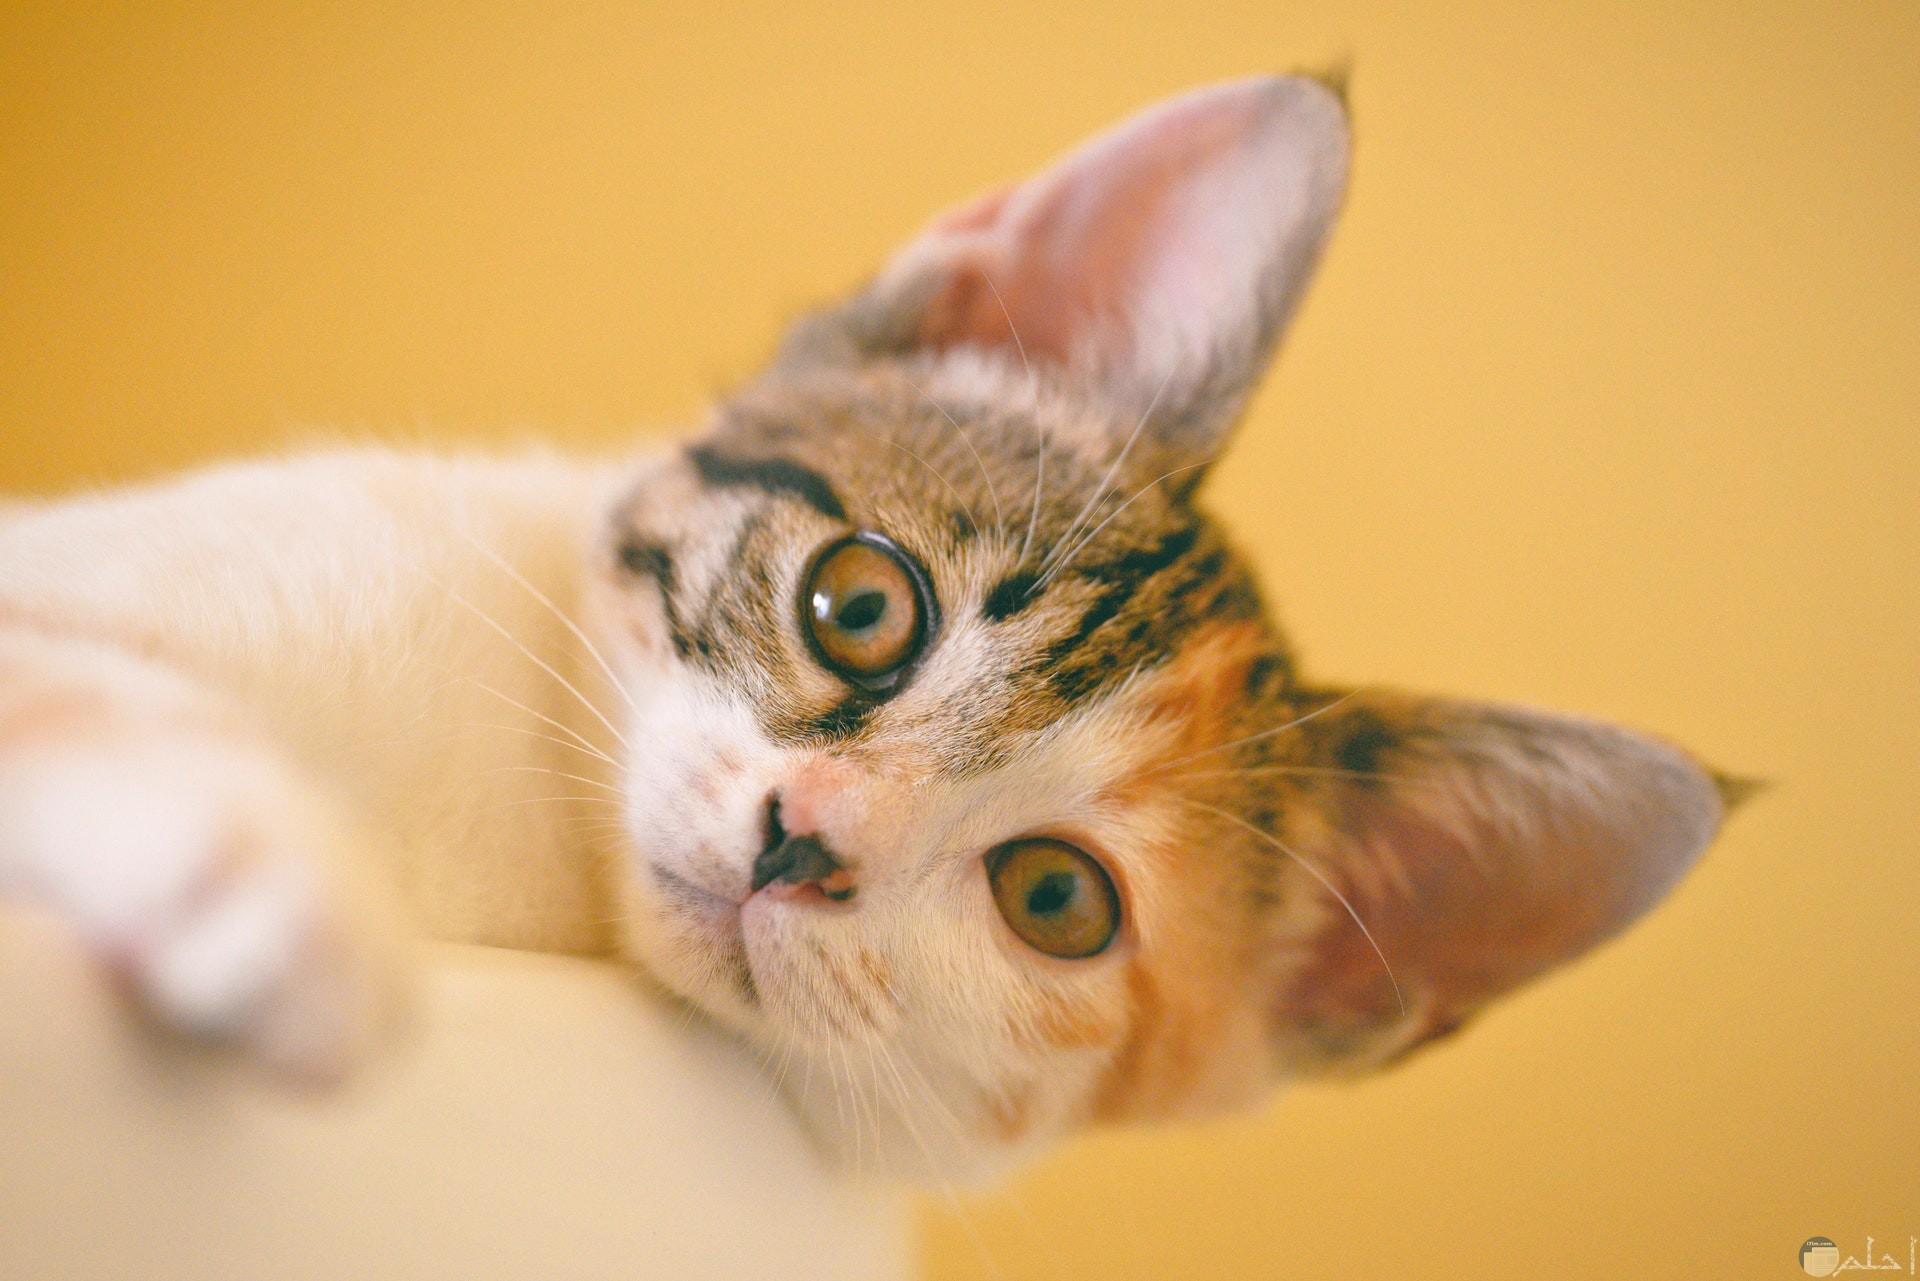 صورة مضحكة وحلوة لقط بتعابير وجه تضحك